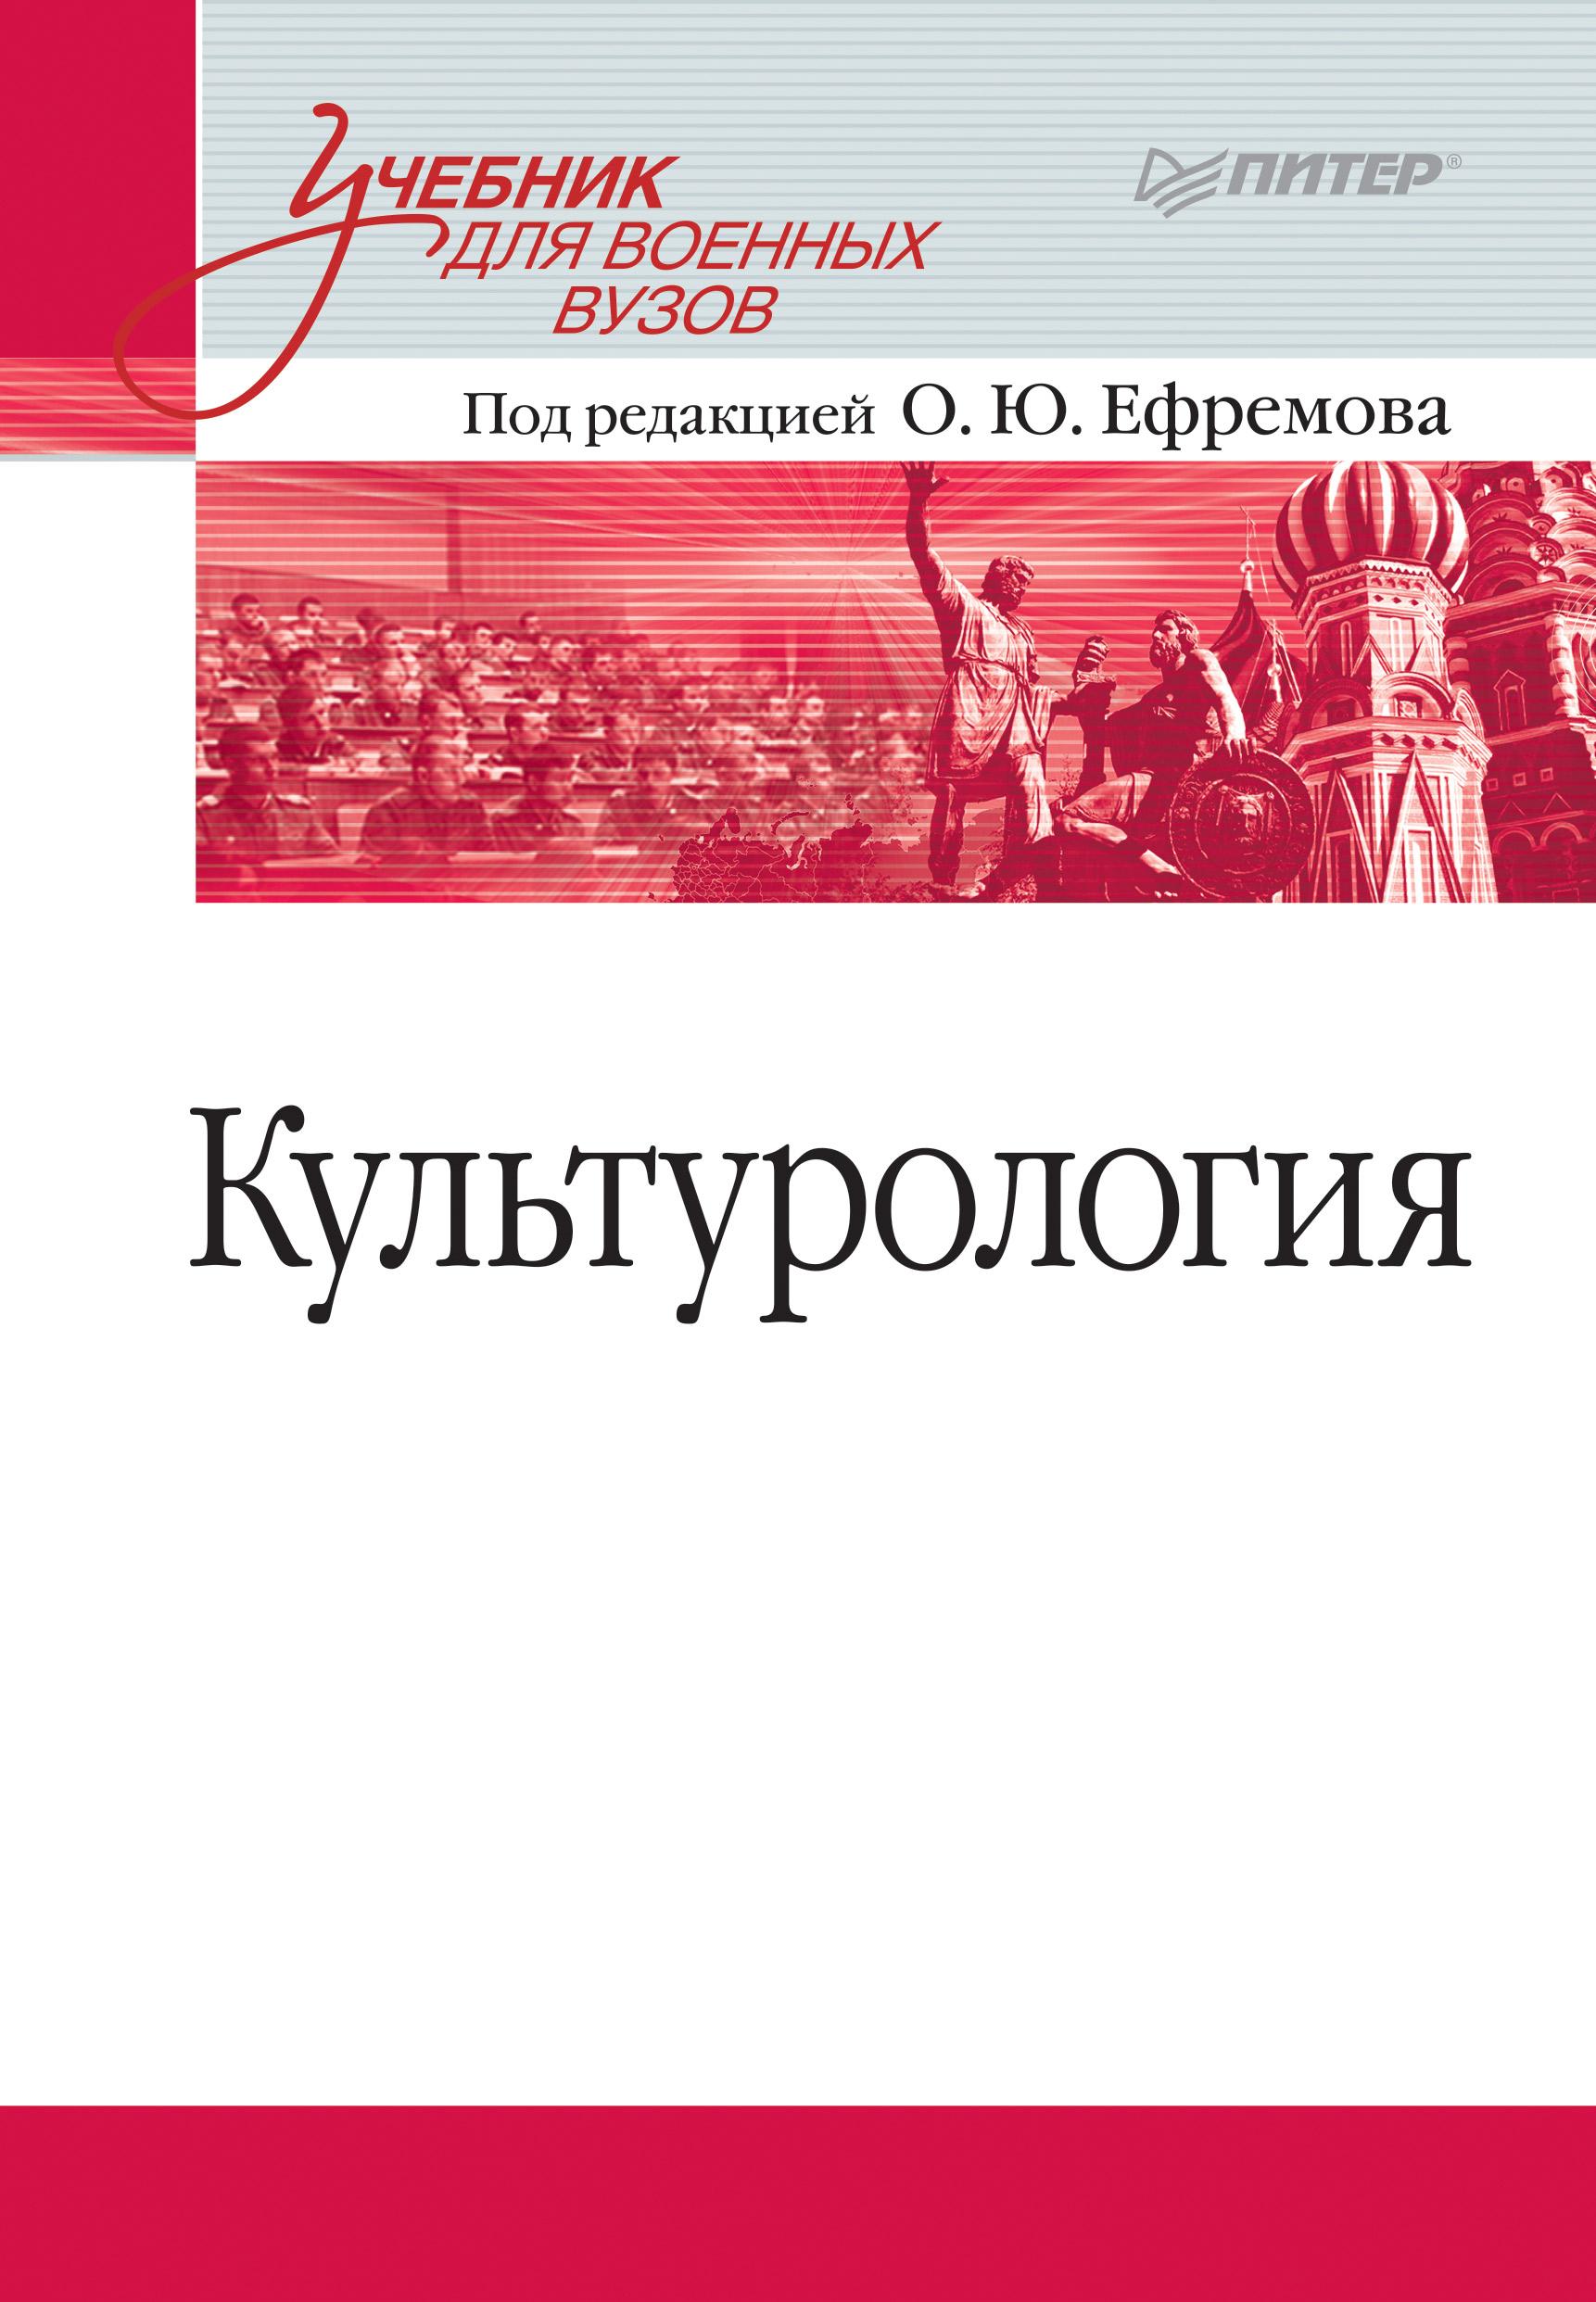 Коллектив авторов Культурология. Учебник для военных вузов